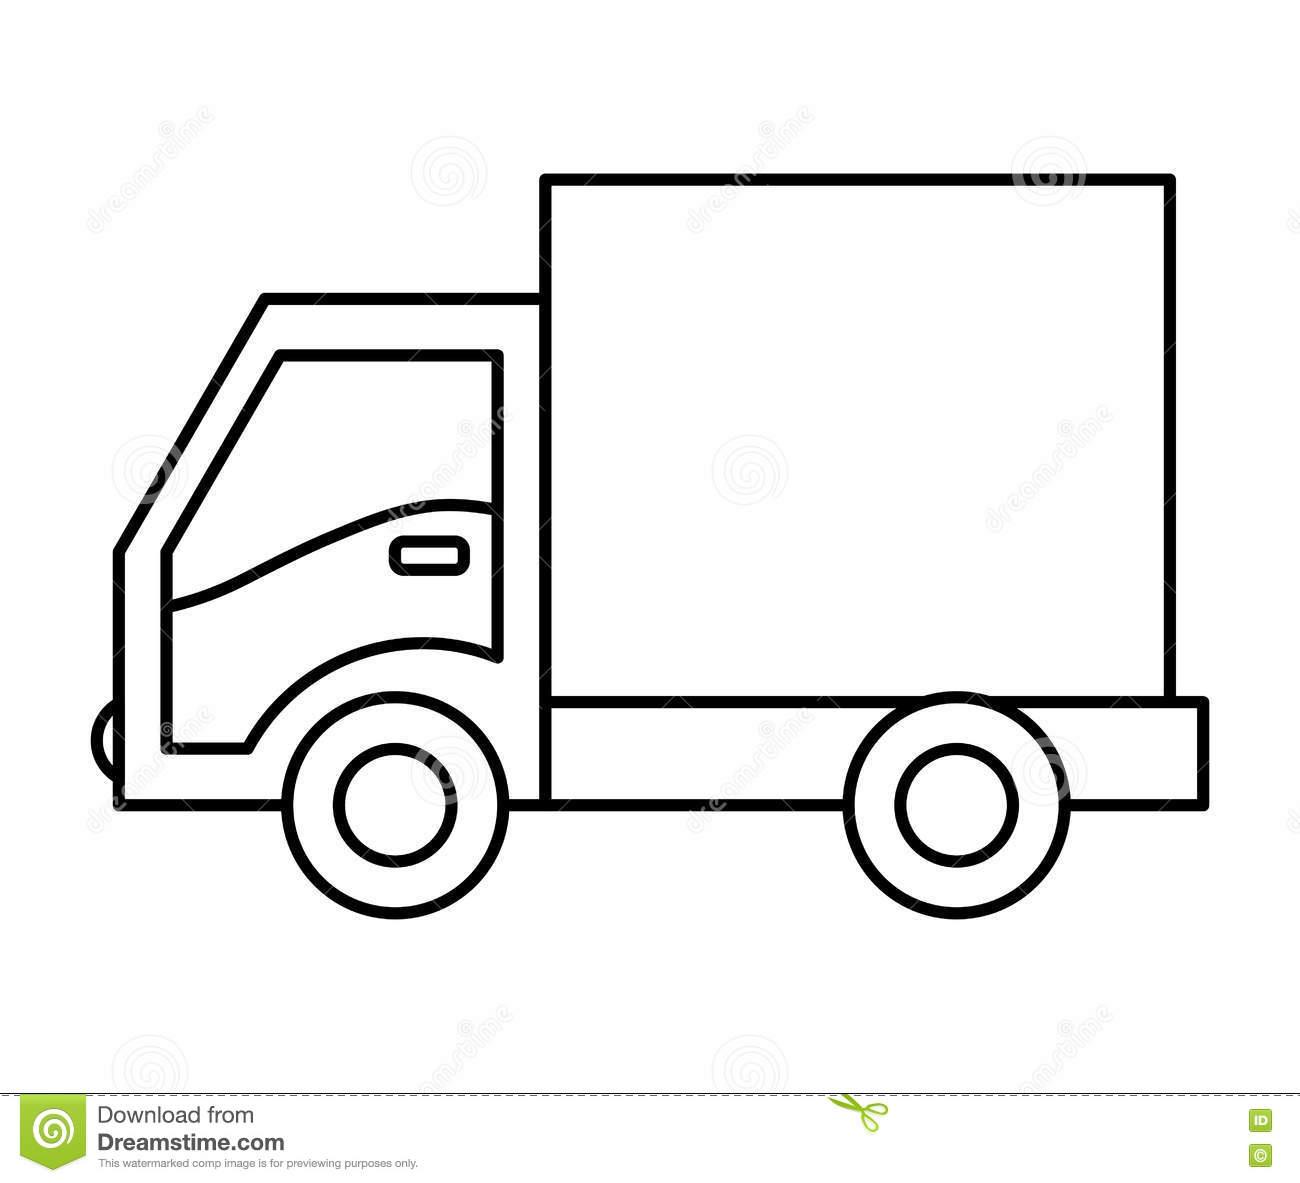 Icône Dessin Vecteur De La Livraison Camion Conception Eyd29Iewh destiné Dessin D Un Camion